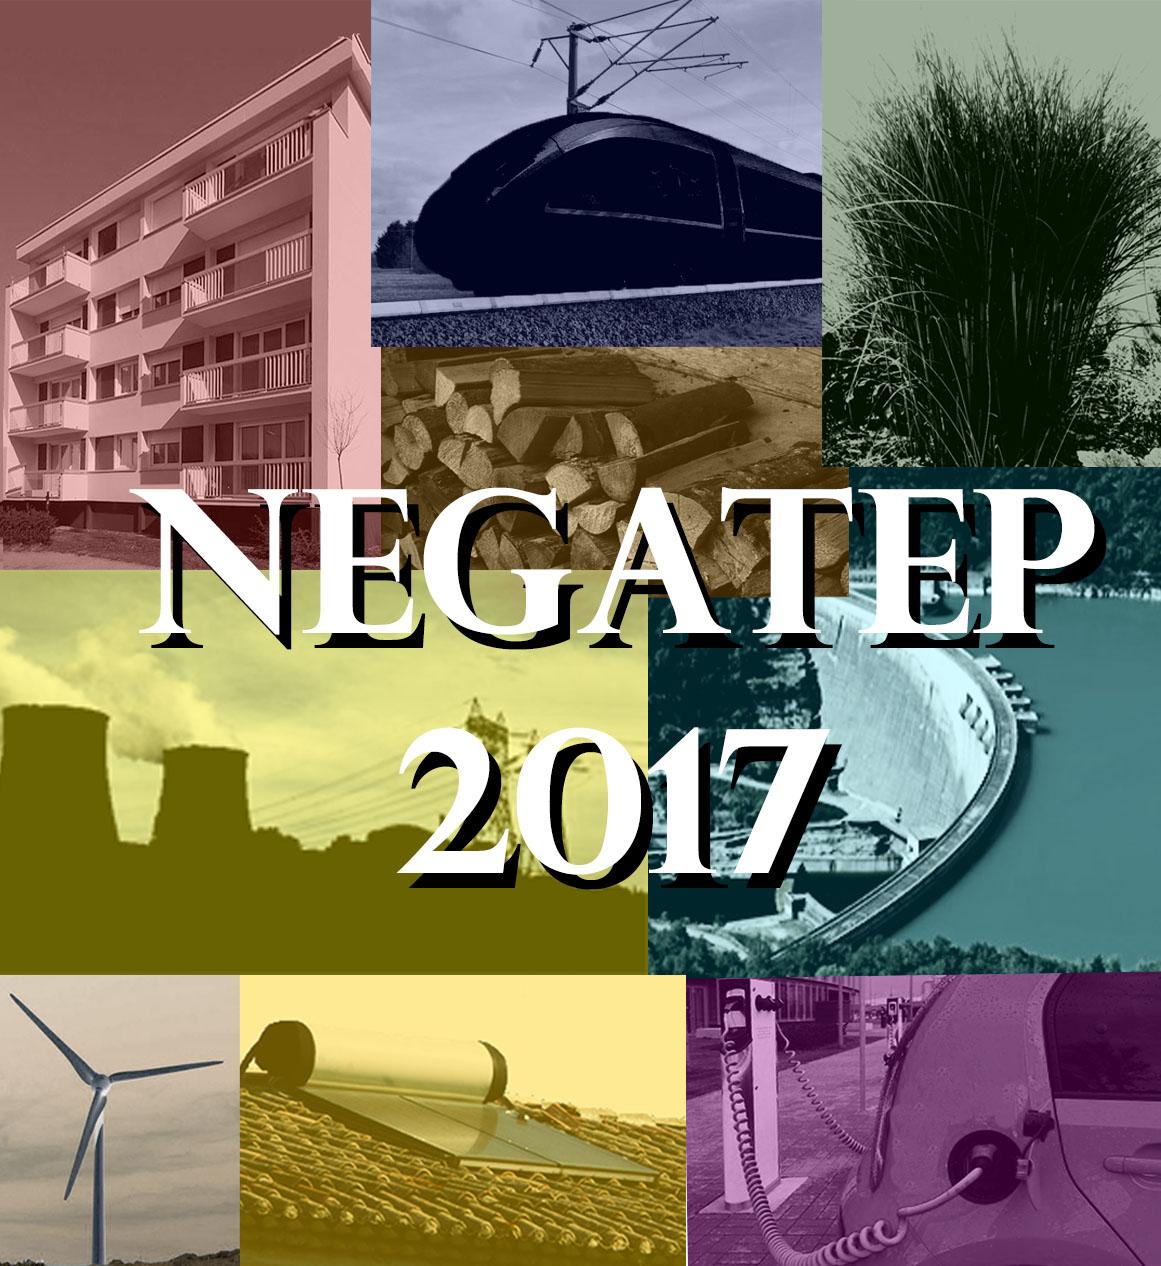 image Negatep2017